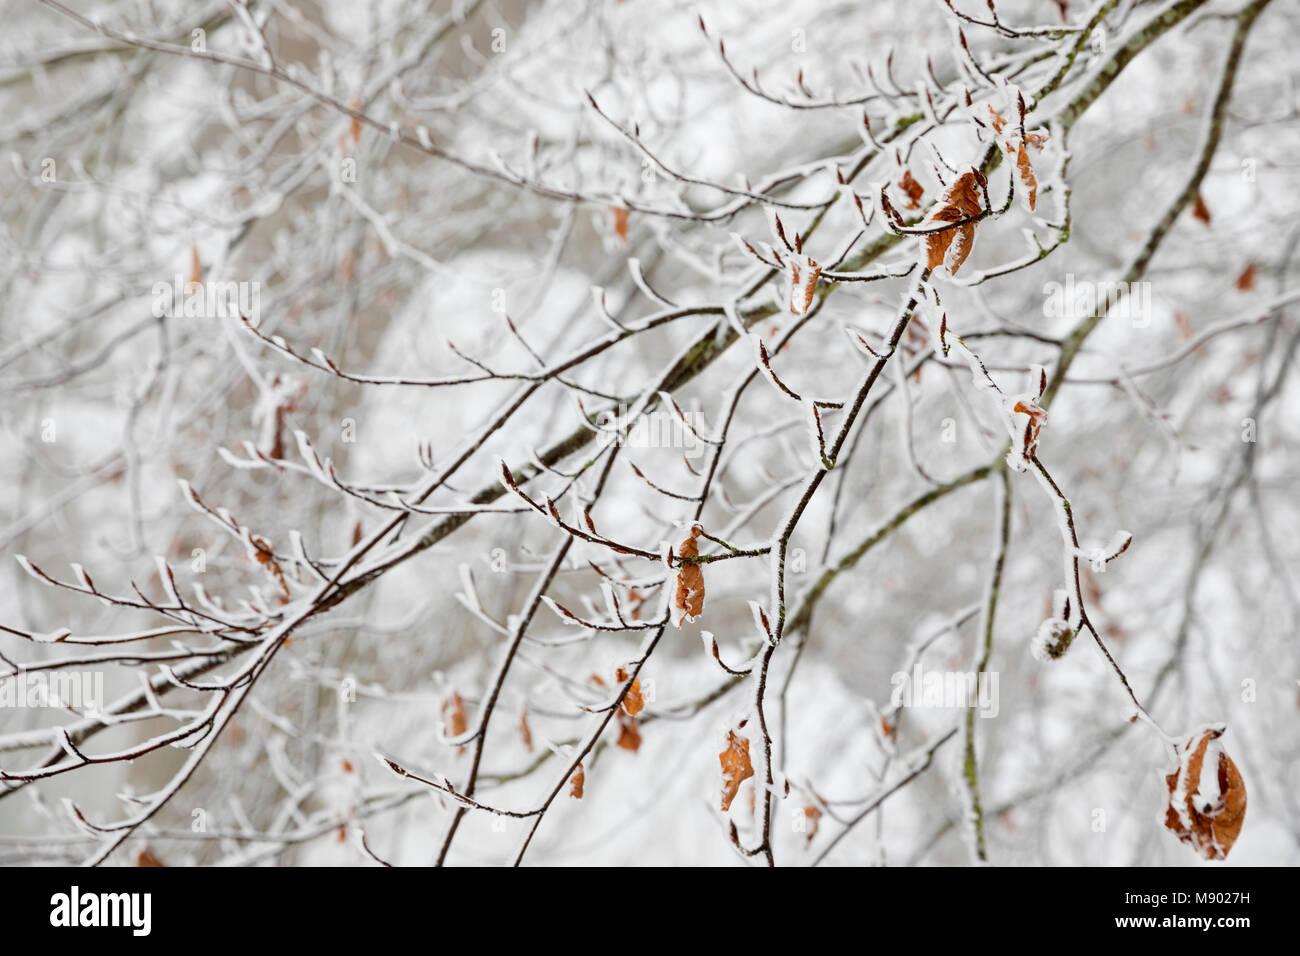 Congelati i rami degli alberi, Chipping Campden, il Costwolds, Gloucestershire, England, Regno Unito, Europa Immagini Stock